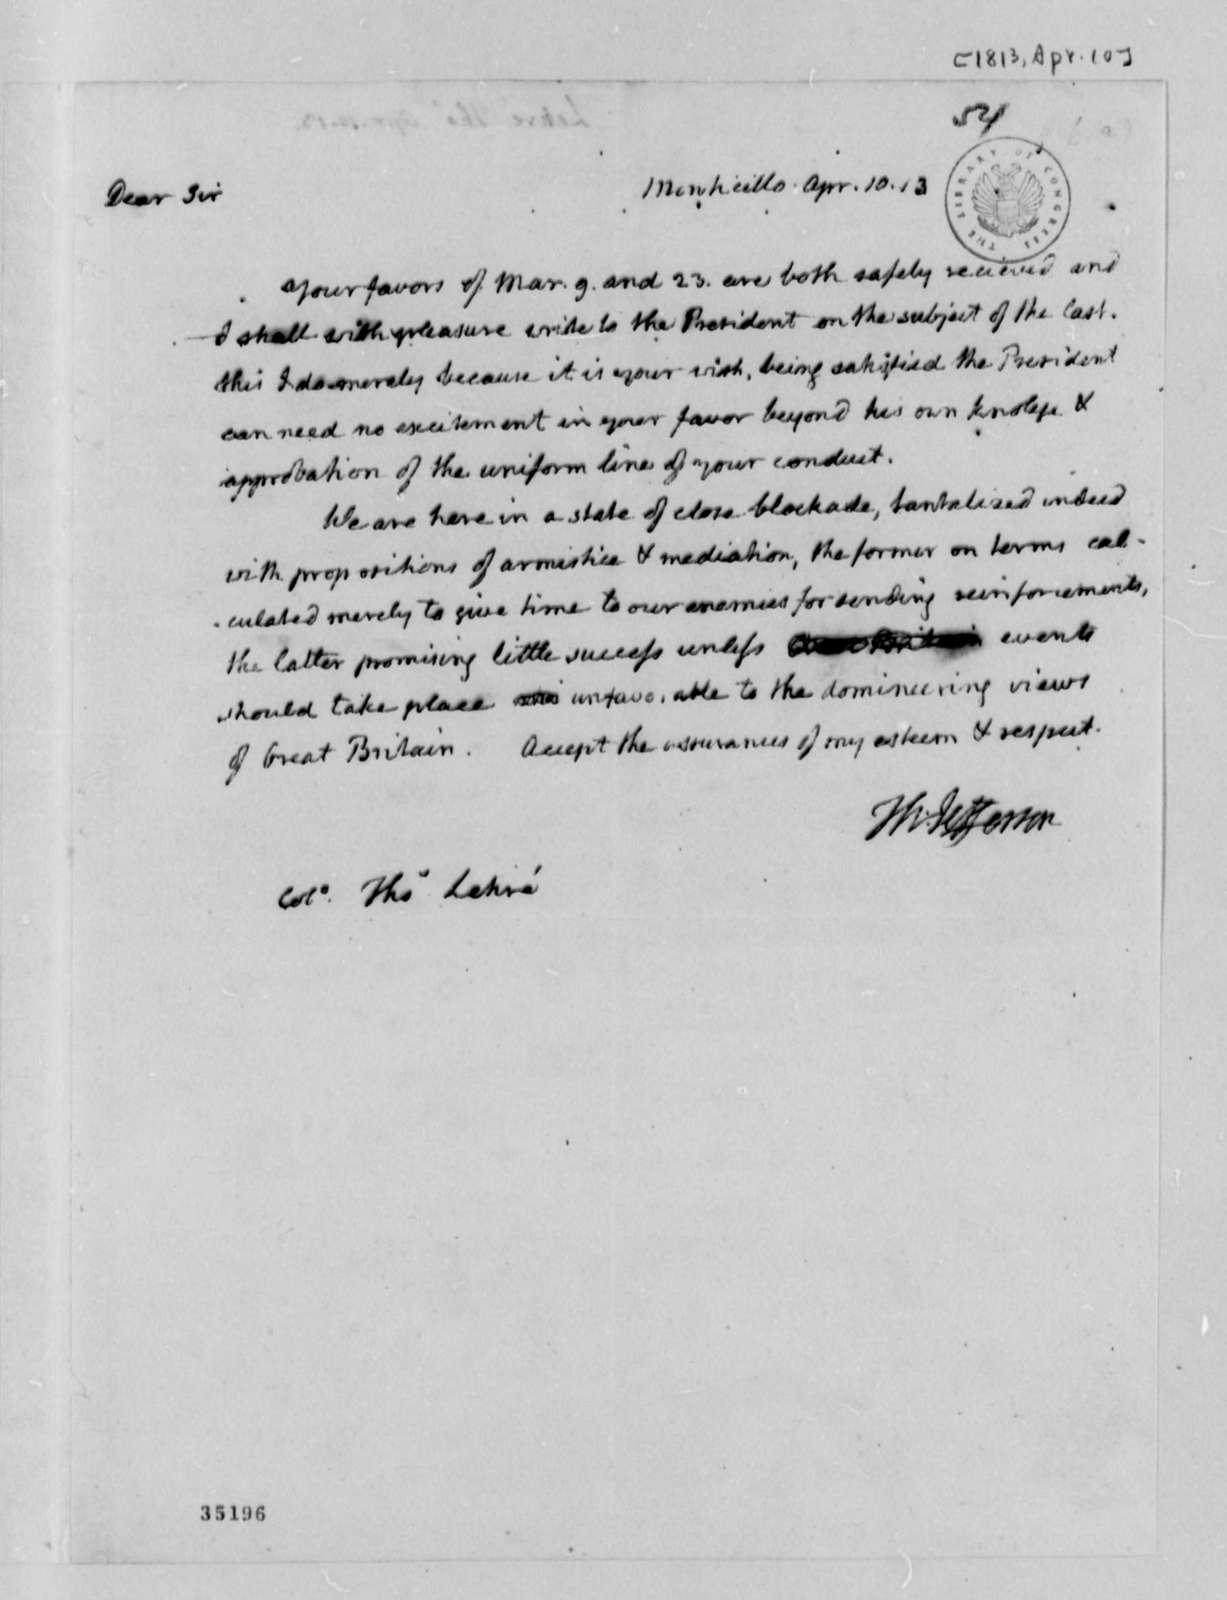 Thomas Jefferson to Thomas Lehre, April 10, 1813